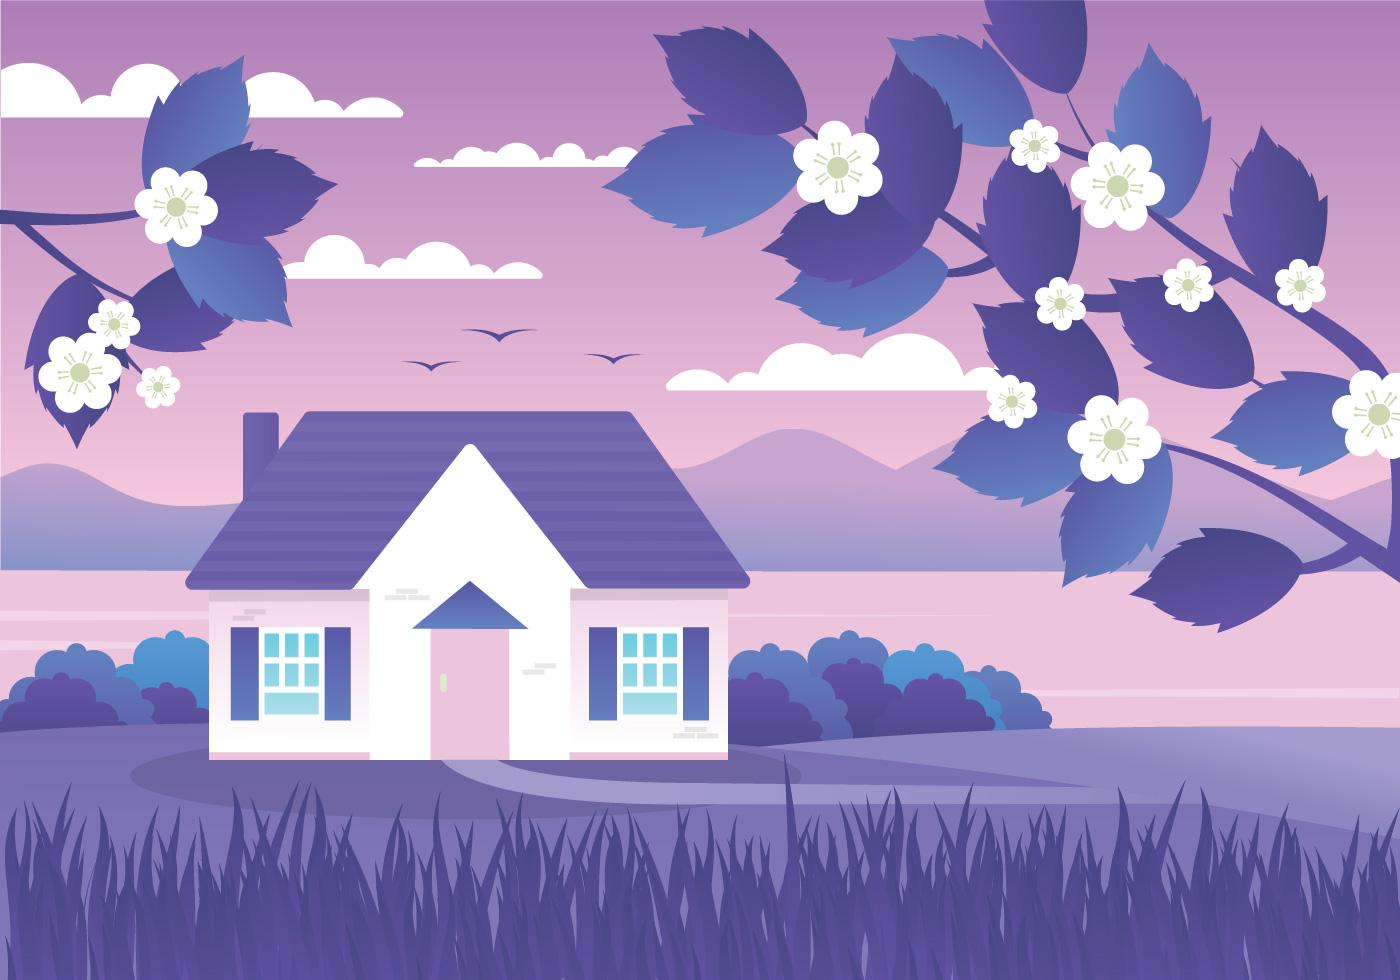 Purple Sunset Landscape Background Download Free Vectors Clipart Graphics Vector Art